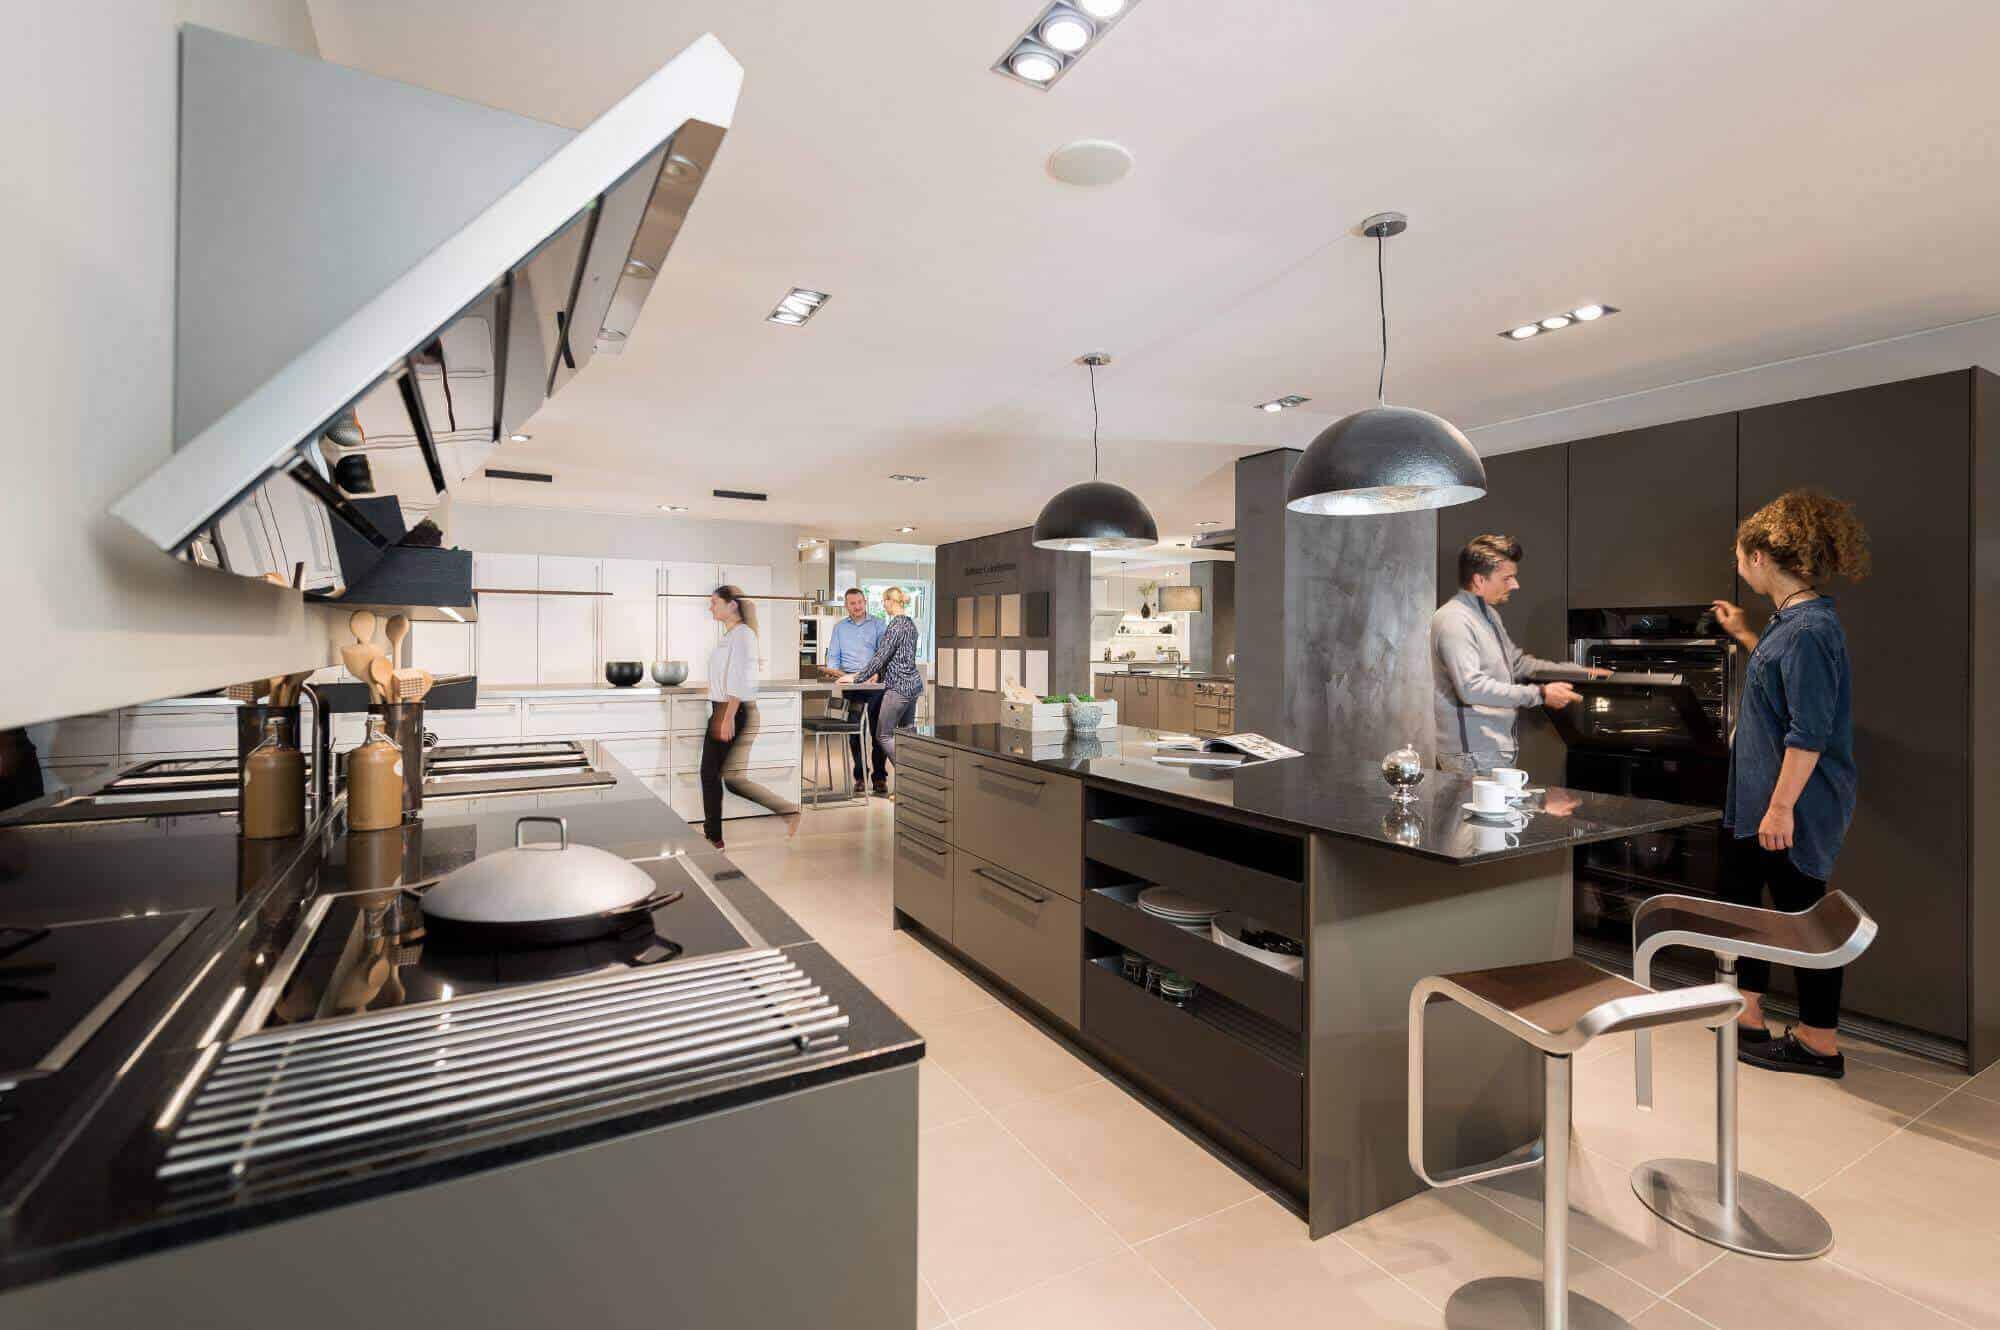 GroBartig Küchen  Und Badstudio In Duvenstedt